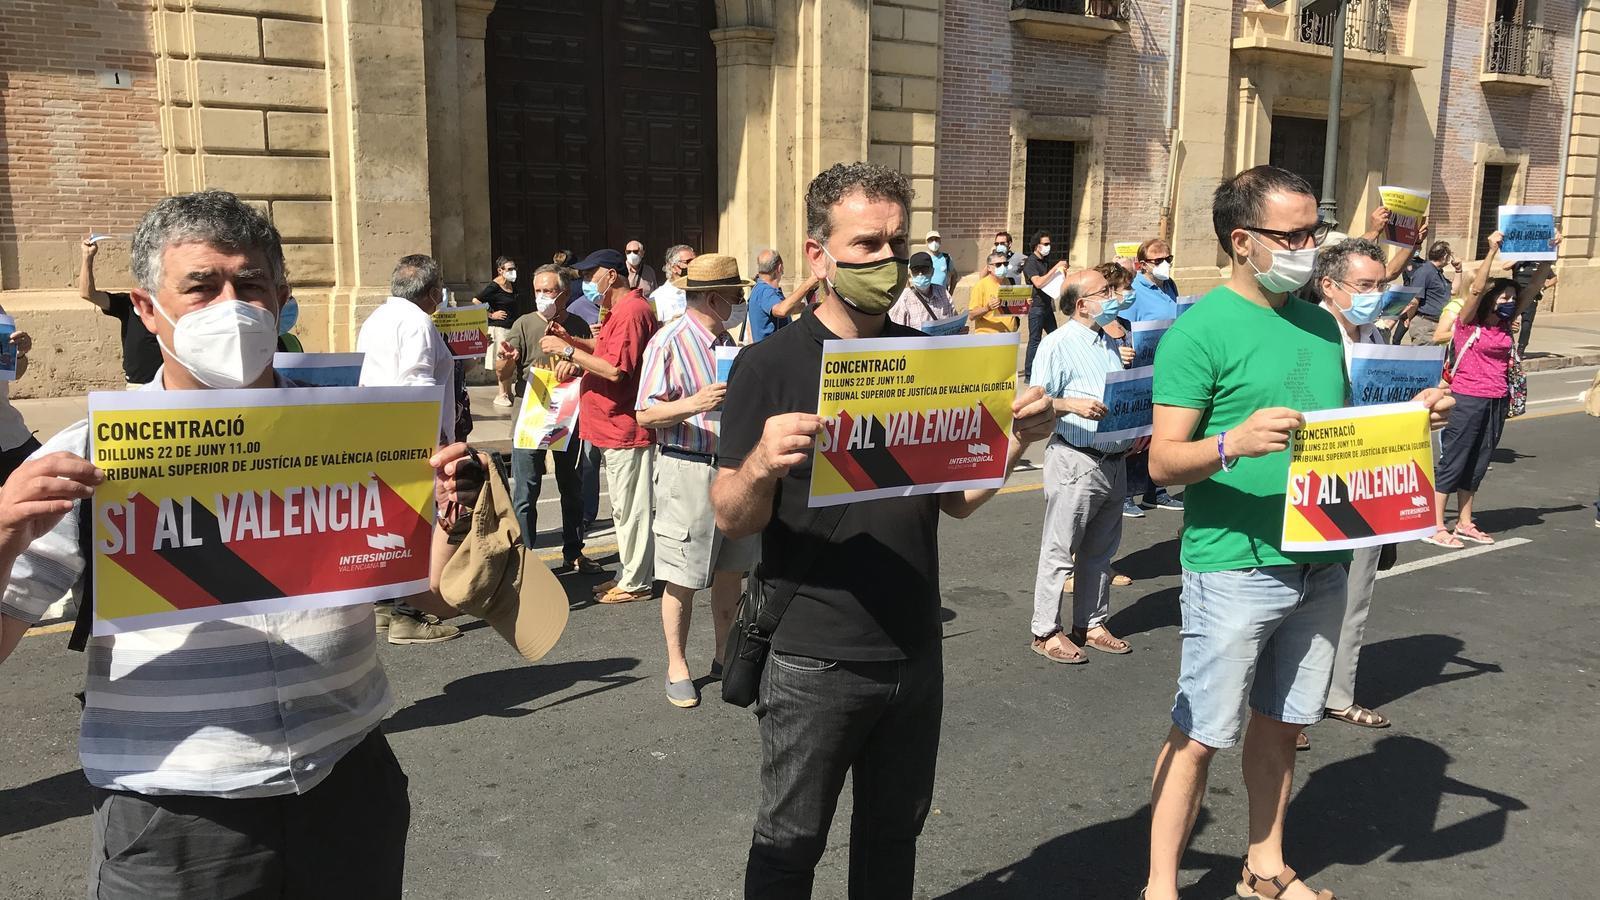 Concentració a València per rebutjar la sentència del Tribunal Suprem (TS) que confirma l'anul·lació de part del decret d'usos lingüístics de la Generalitat Valenciana